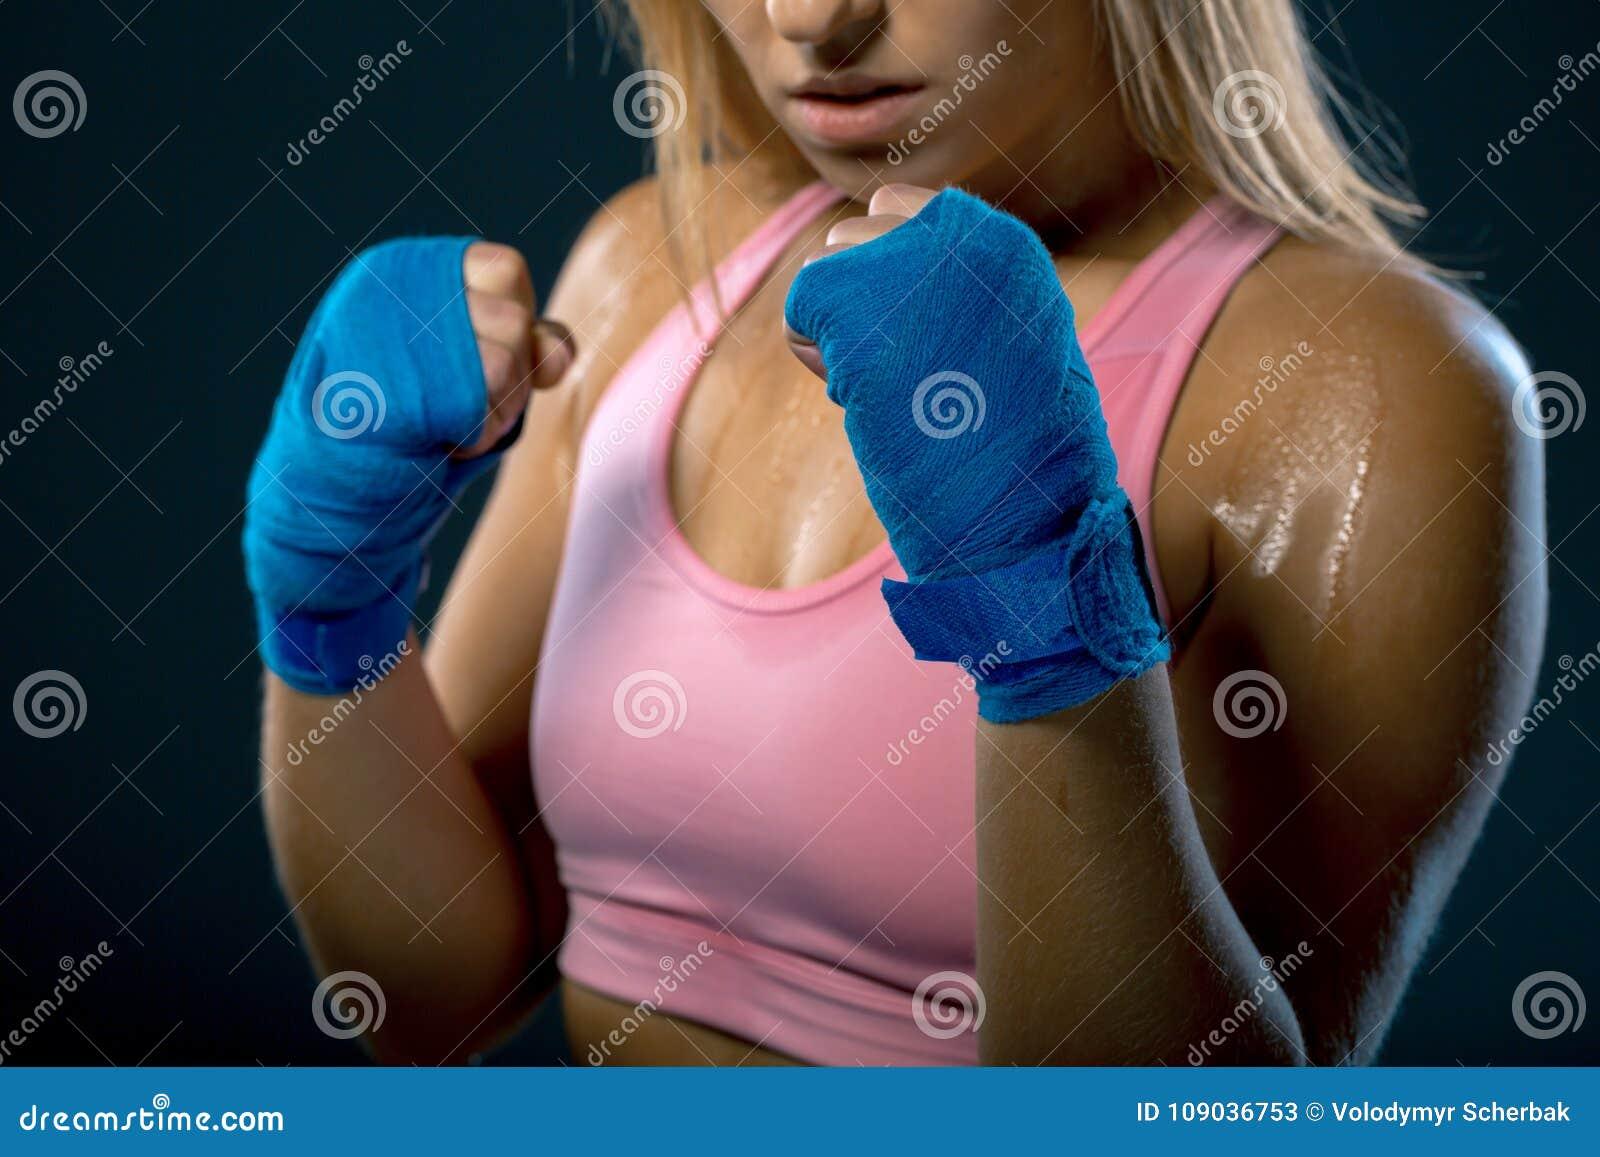 Boxas lycklig leendekvinna Kämpe för ung kvinna som är klar att slåss stark kvinna Kvinnlighänder som slås in i boxning, förbinde